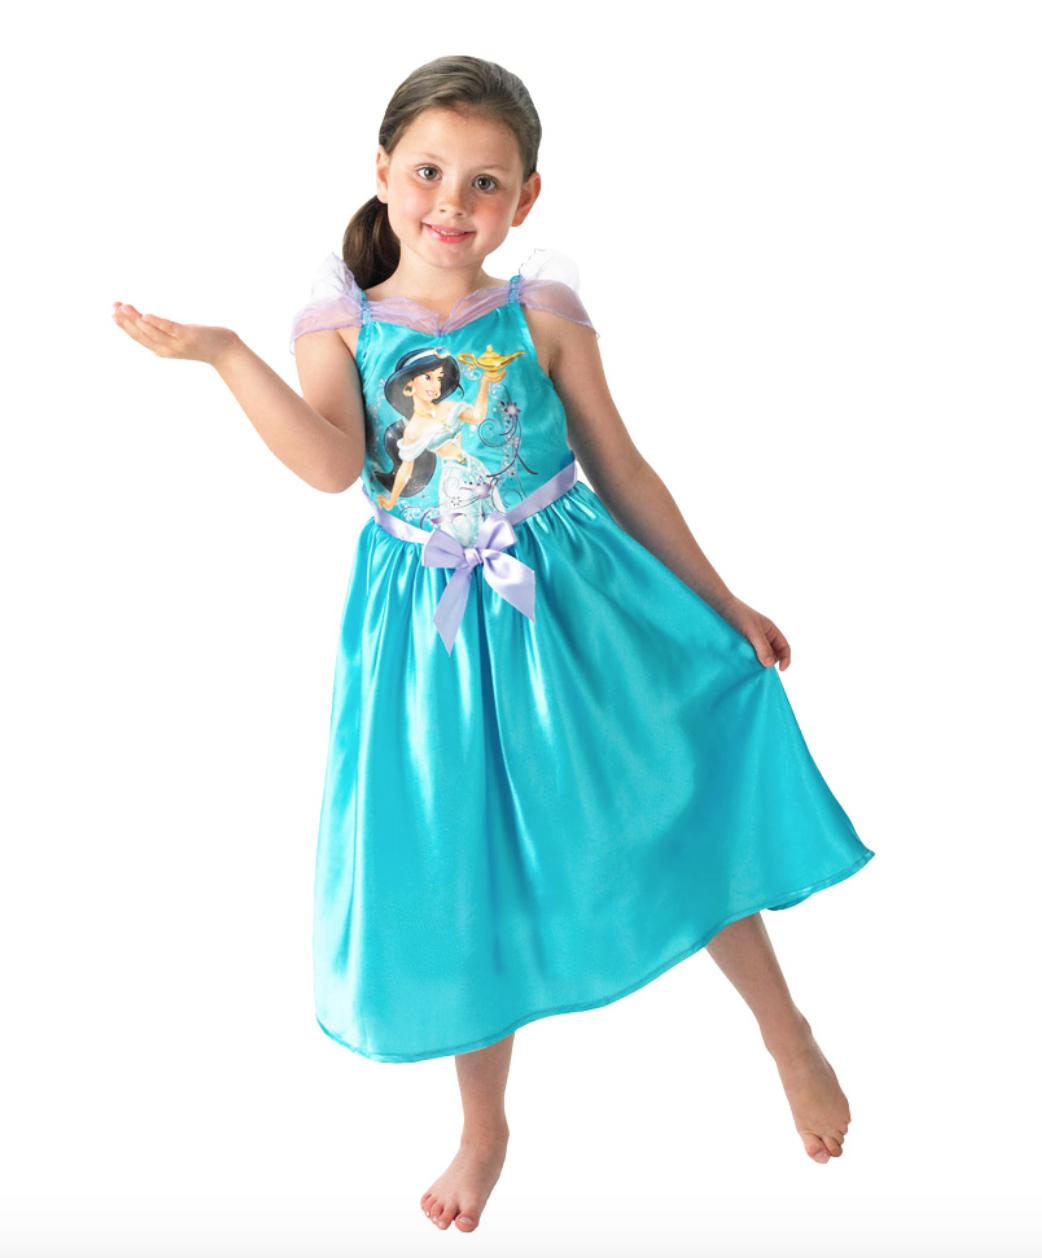 Skærmbillede 2018 12 12 kl. 11.07.33 - Disney prinsesse kostume til børn